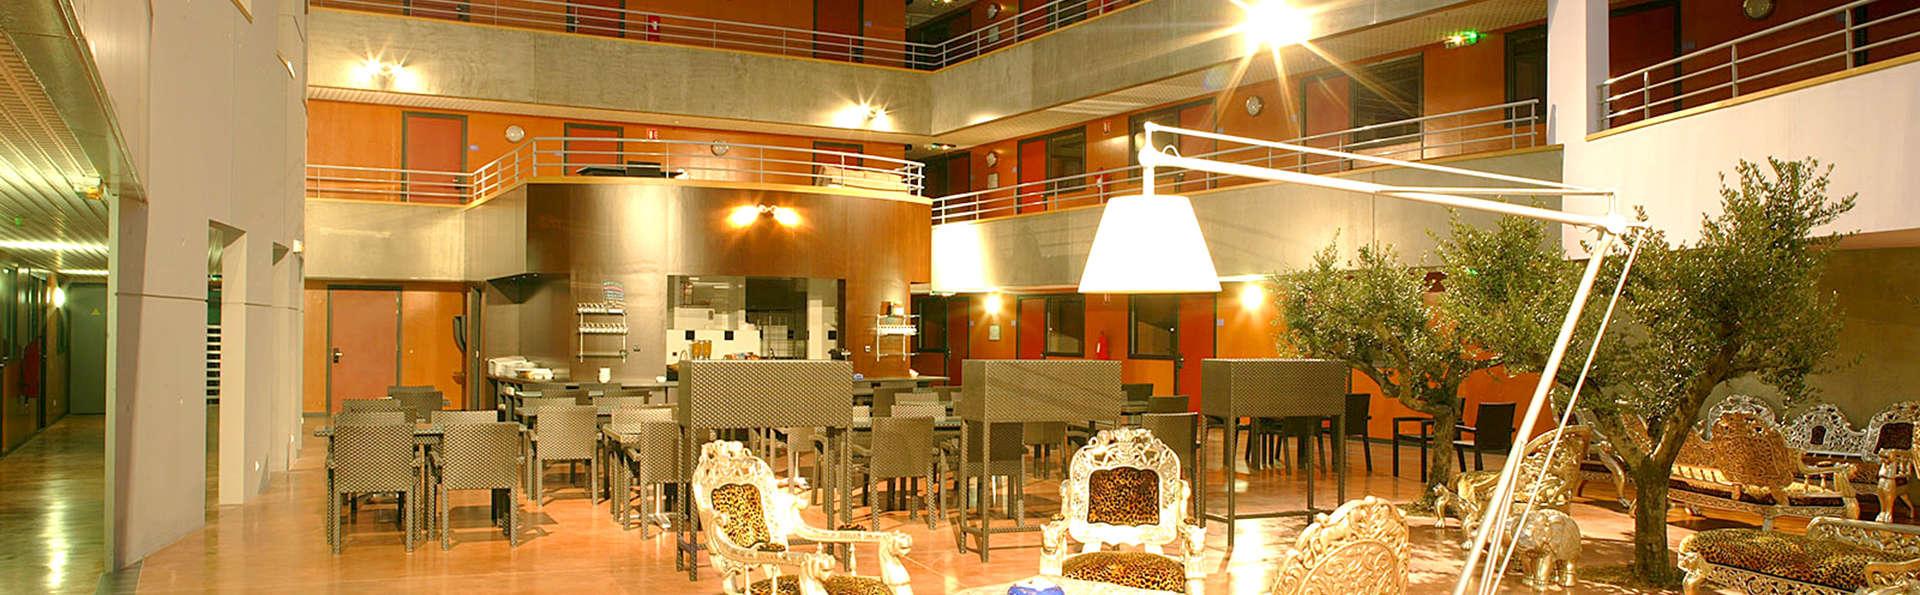 Olivarius Apart'Hôtel  - EDIT_Lobby.jpg